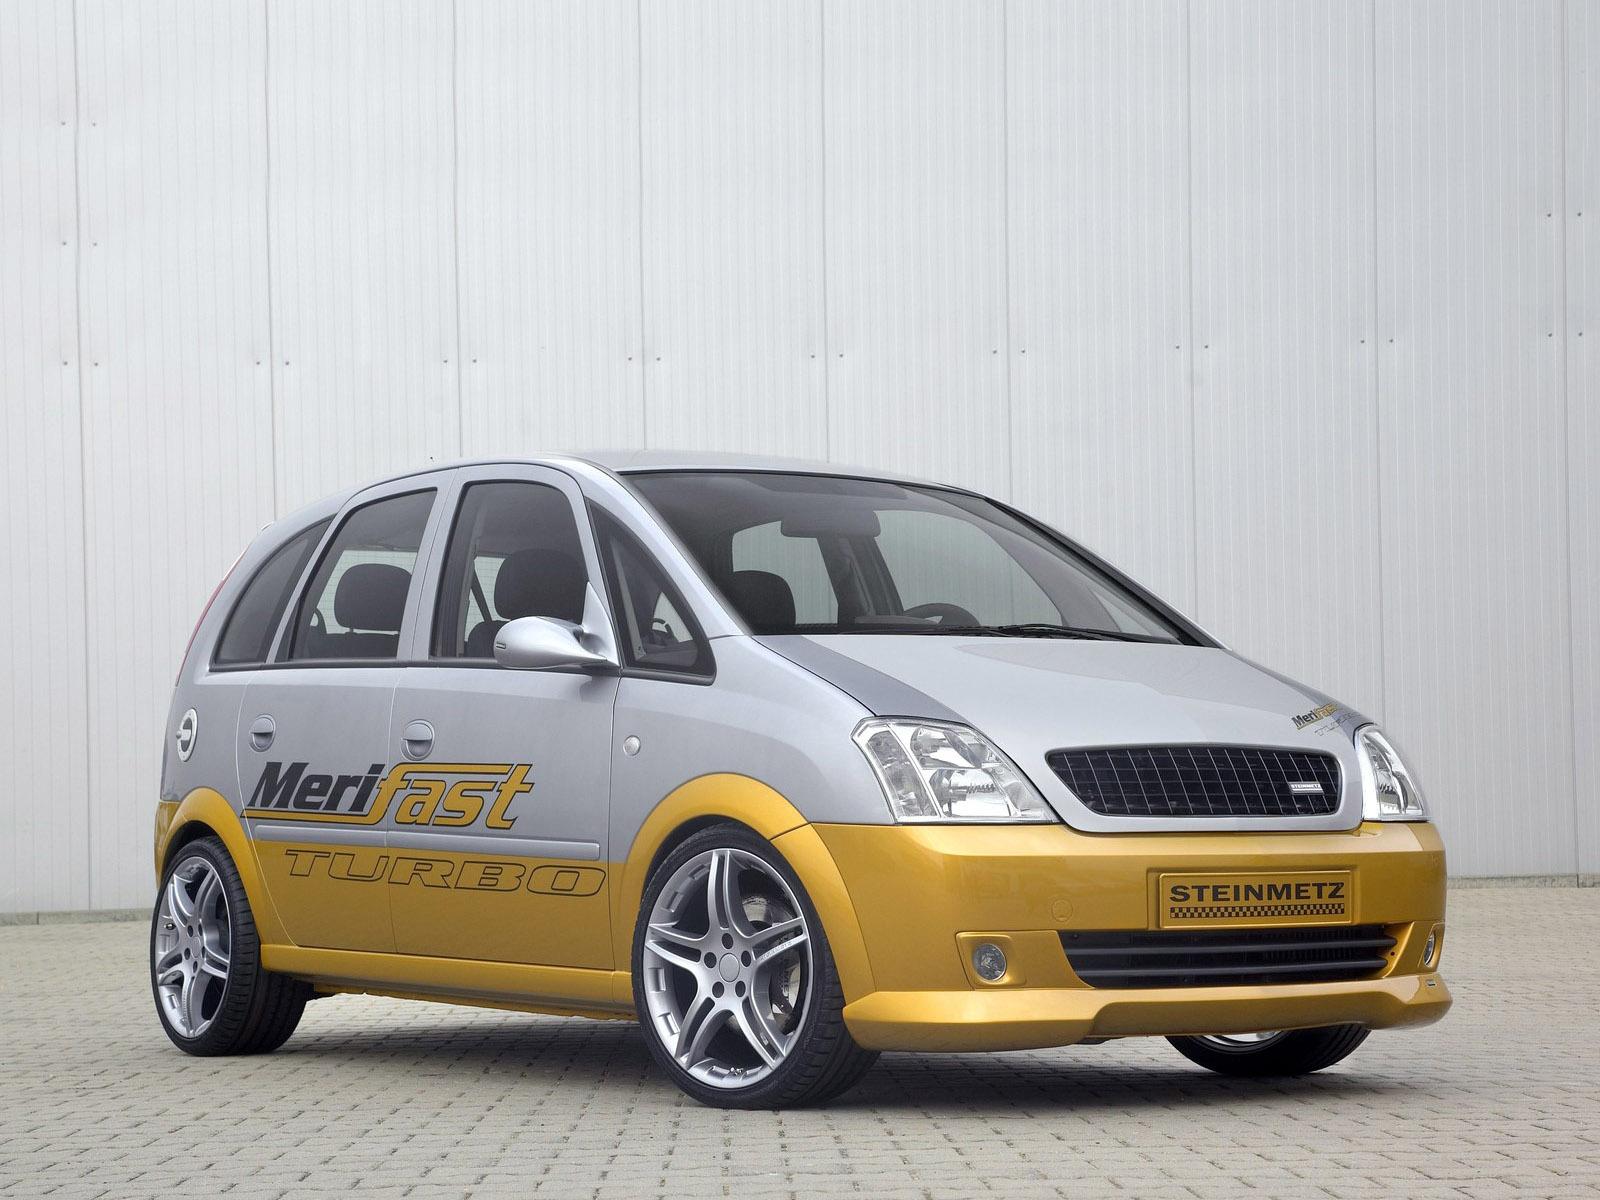 2006 Steinmetz Opel Meriva Merifast Turbo